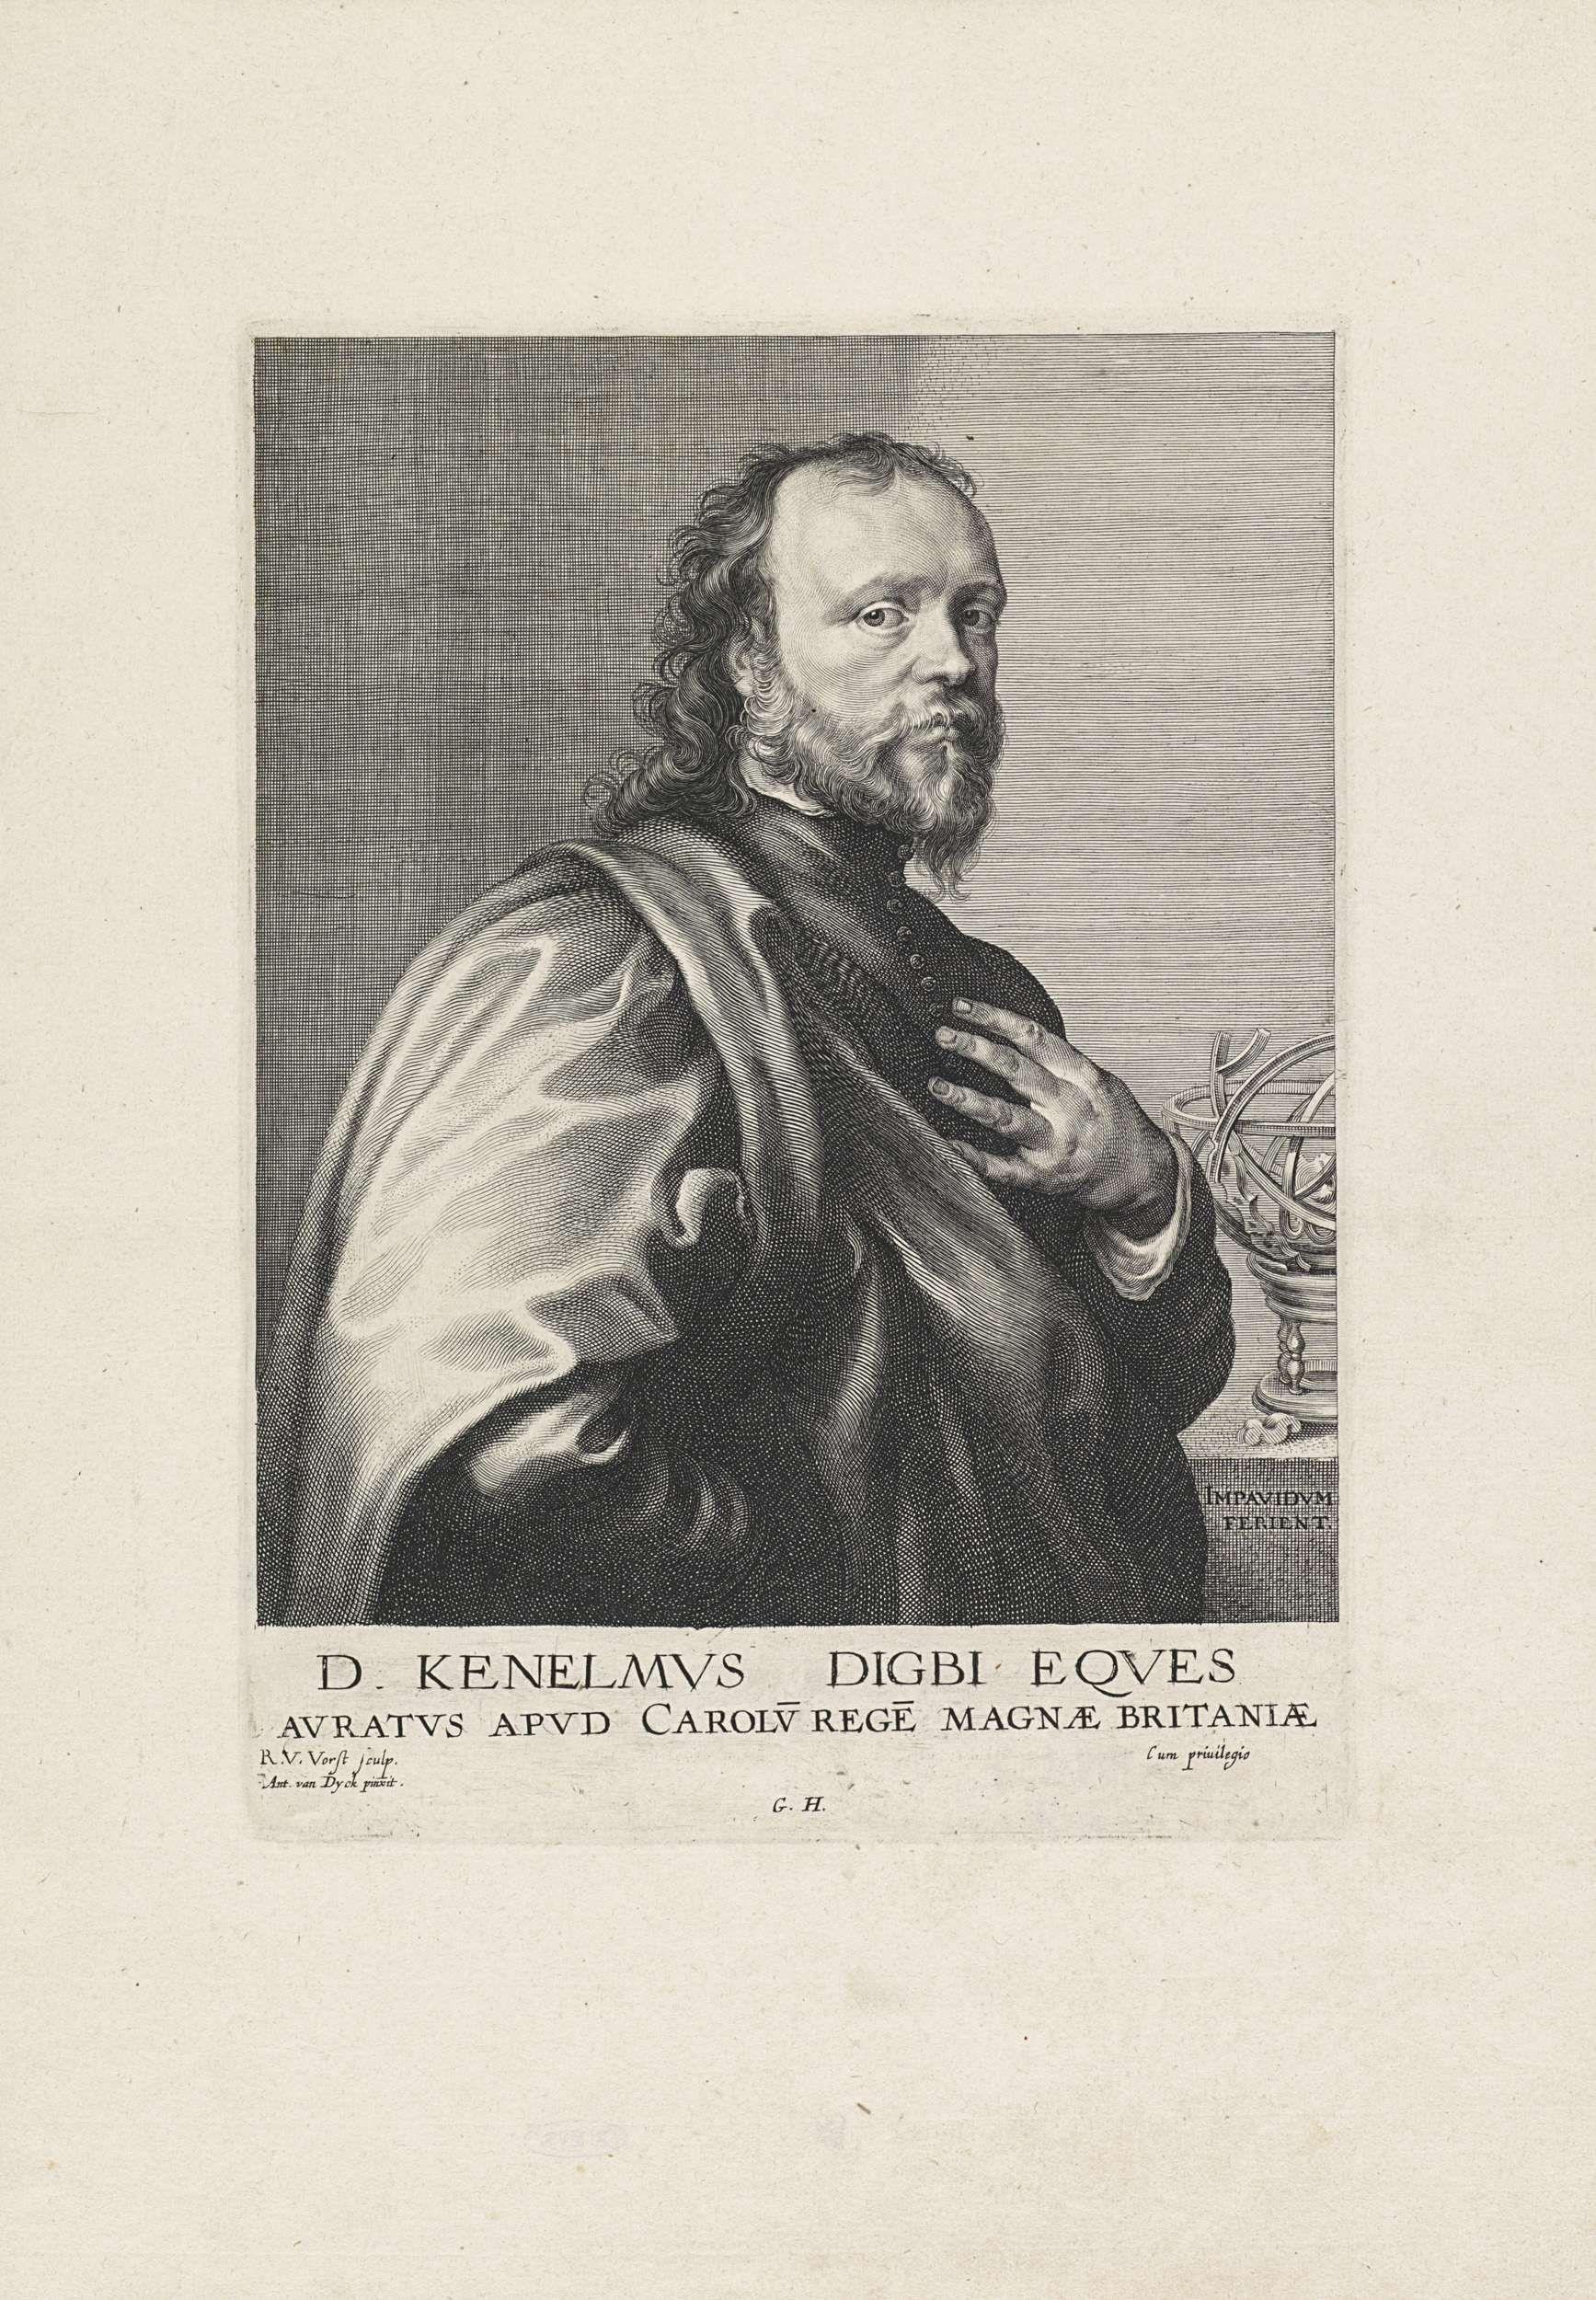 Robert van Voerst   Portret van Kenelm Digby, Robert van Voerst, Gillis Hendricx, unknown, 1627 - 1636   Portet van de zeeofficier en diplomaat Kenelm Digby. Op de tafel staat een armillarium, die verwijst naar zijn interesse voor astronomie.